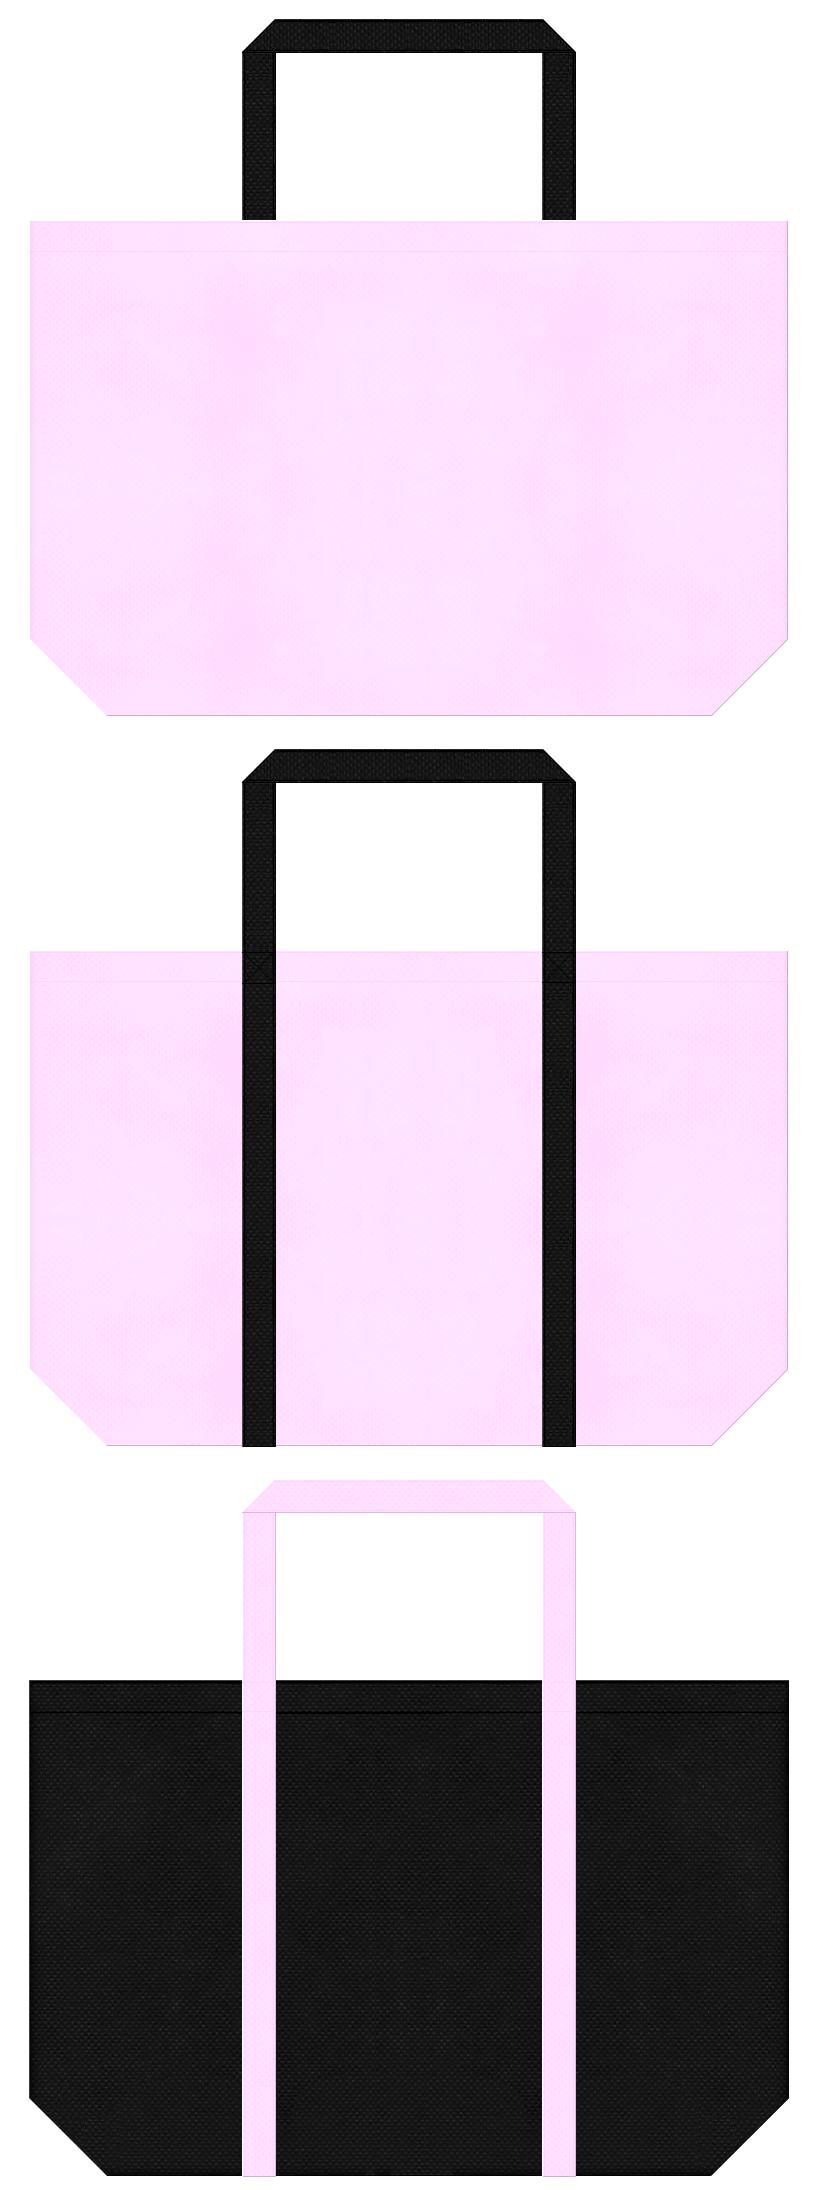 ユニフォーム・運動靴・アウトドア・スポーツイベント・ゴスロリ・猫・フラミンゴ・バタフライ・占い・魔女・魔法使い・ウィッグ・コスプレ・ガーリーデザインにお奨めの不織布バッグデザイン:明るいピンク色と黒色のコーデ